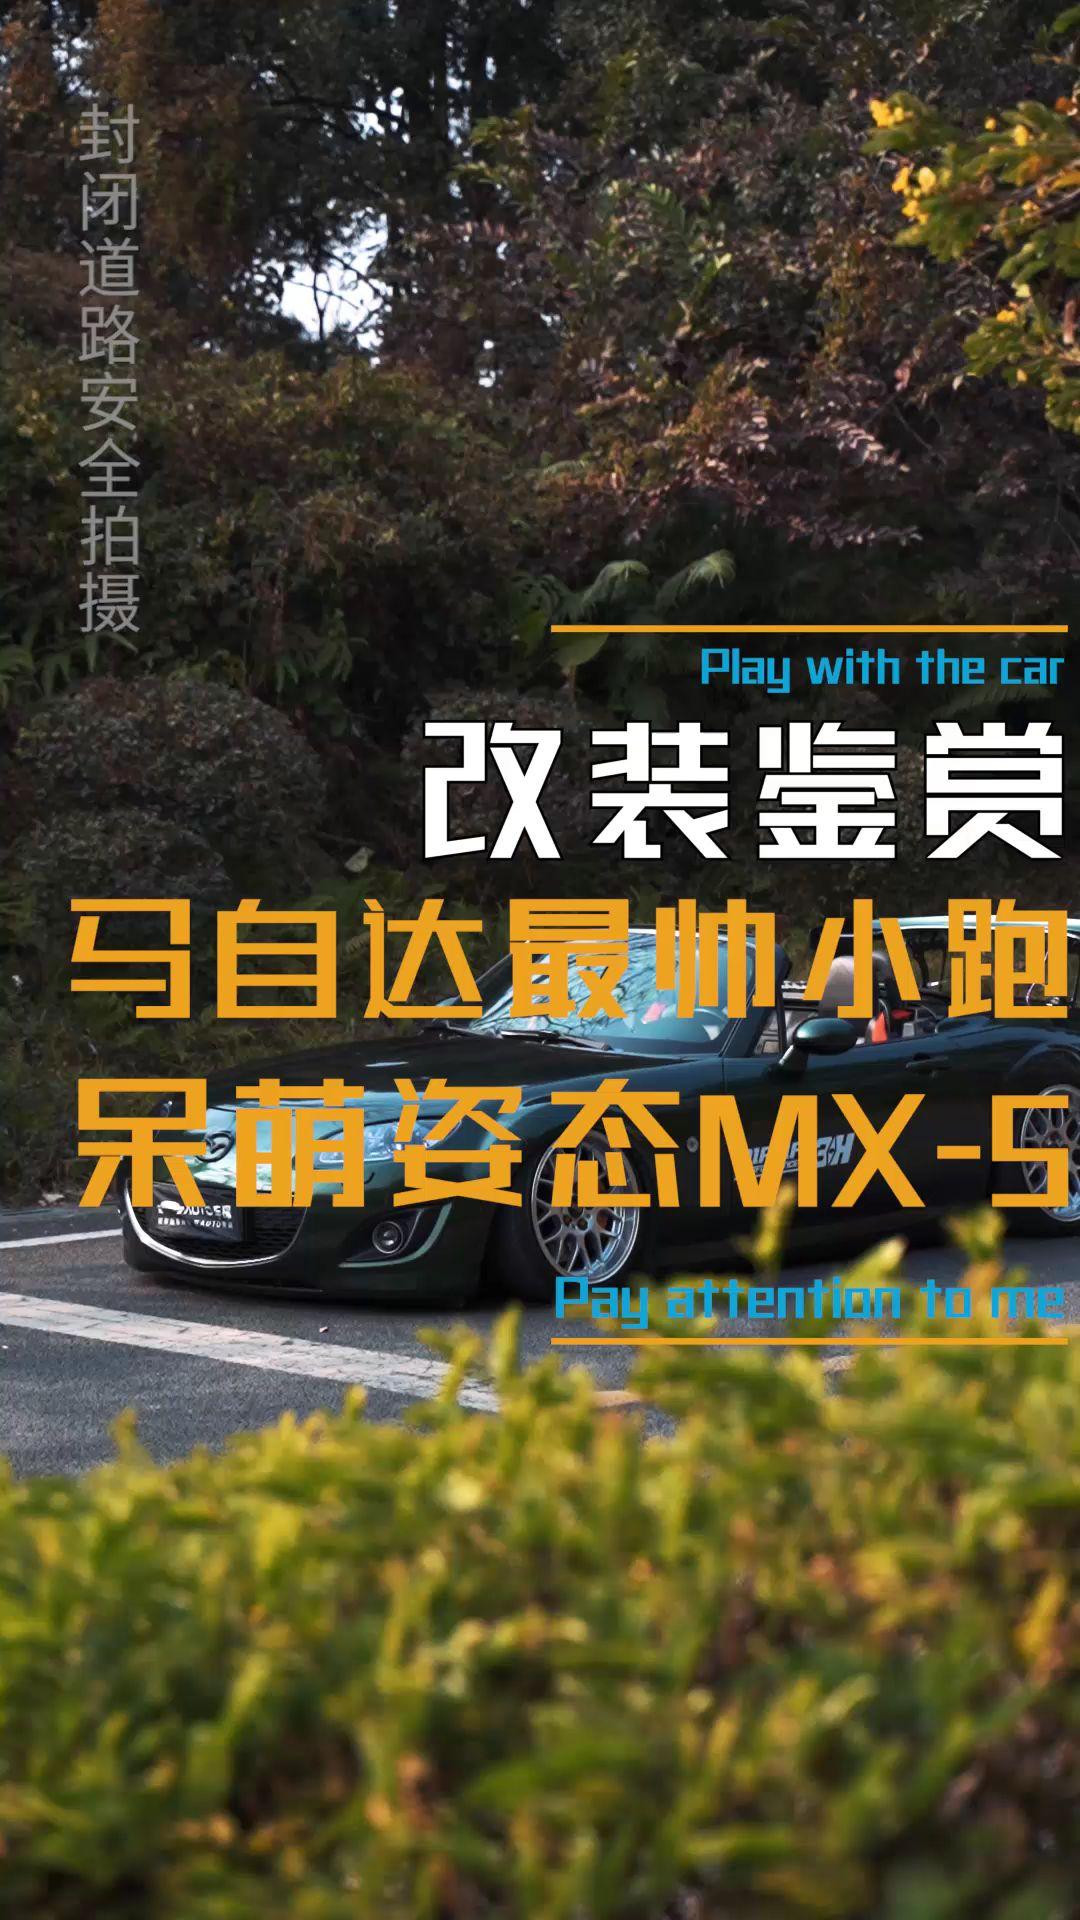 呆萌帅气马自达MX-5,人气爆棚不无理由!